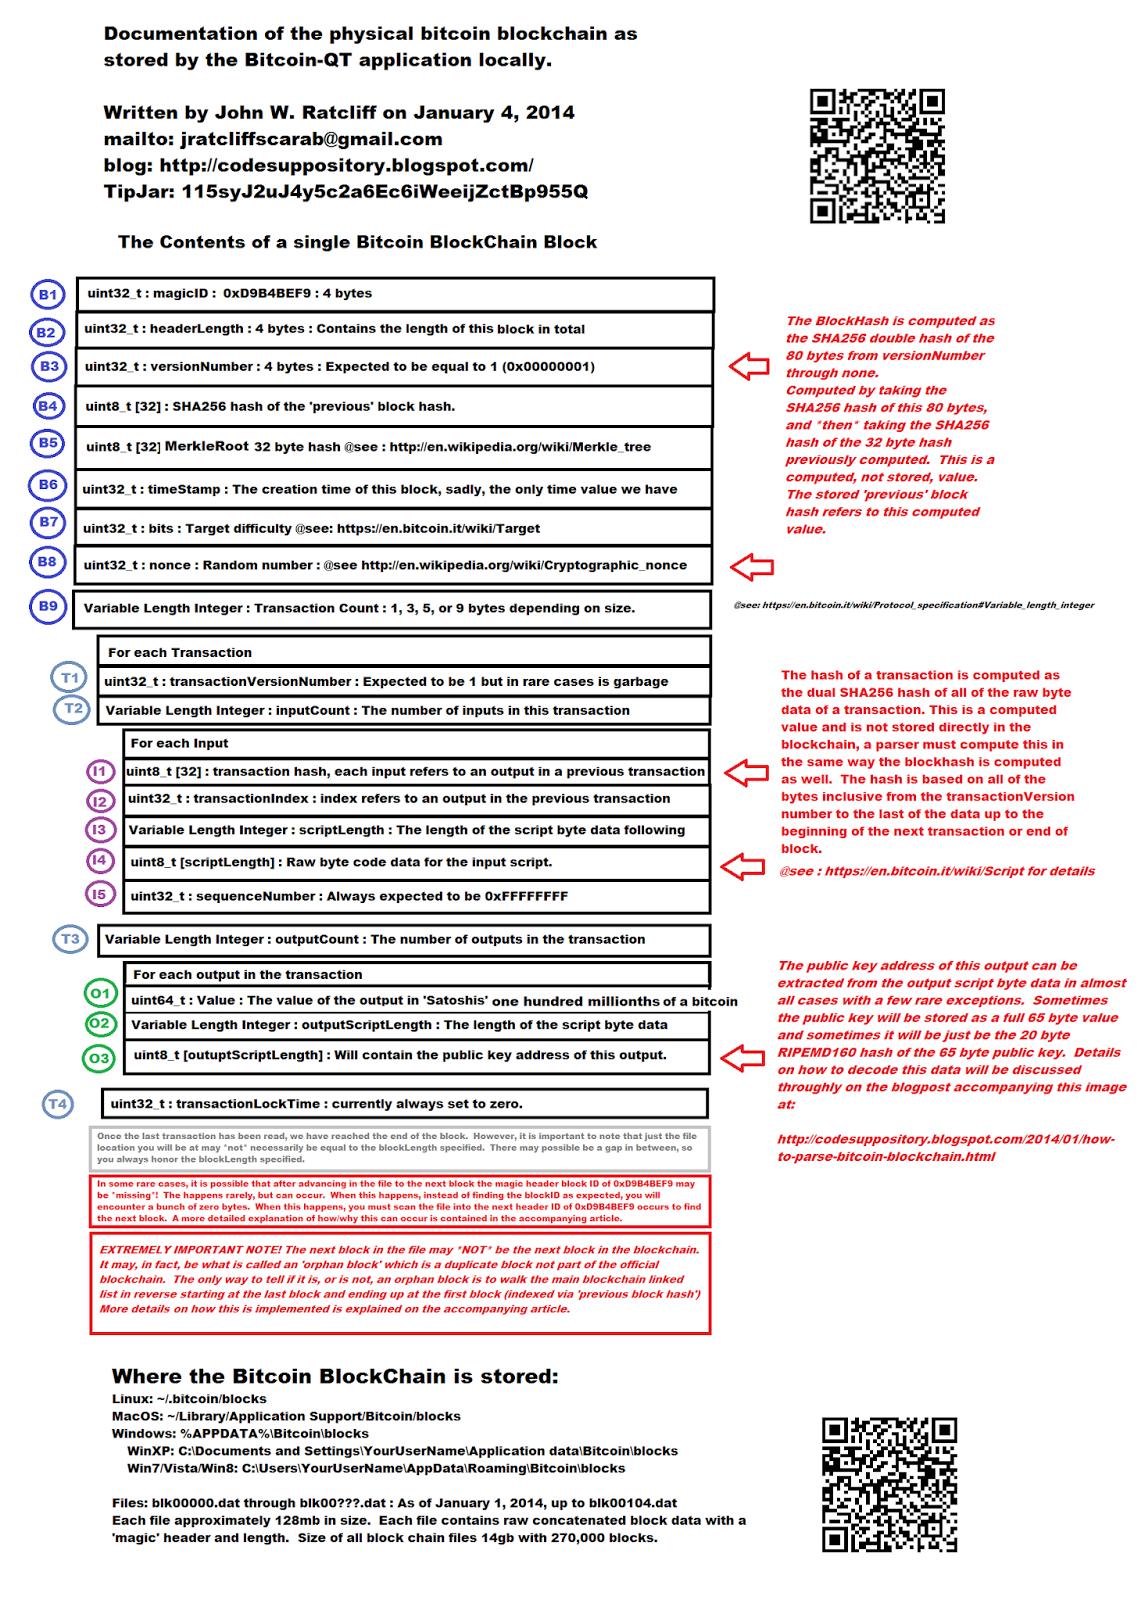 轉貼]如何解析比特幣BlockChain | 小毛的BitBlog